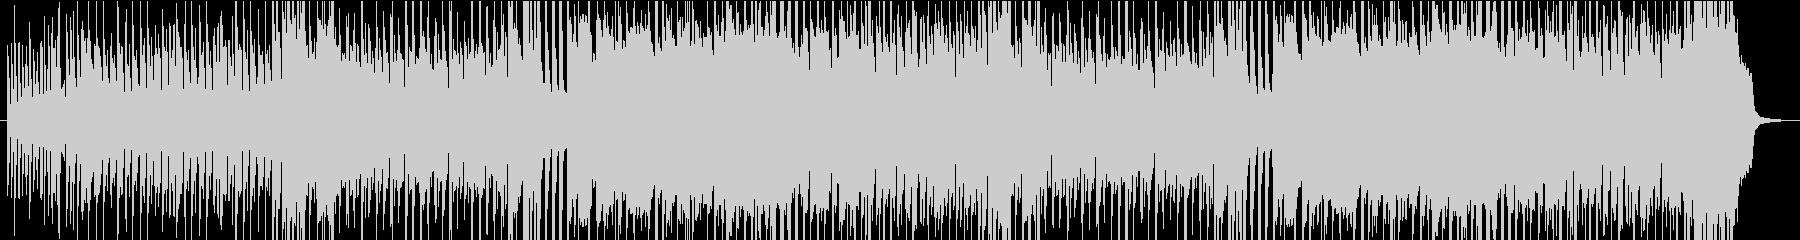 ポップ ロック 現代的 交響曲 ク...の未再生の波形